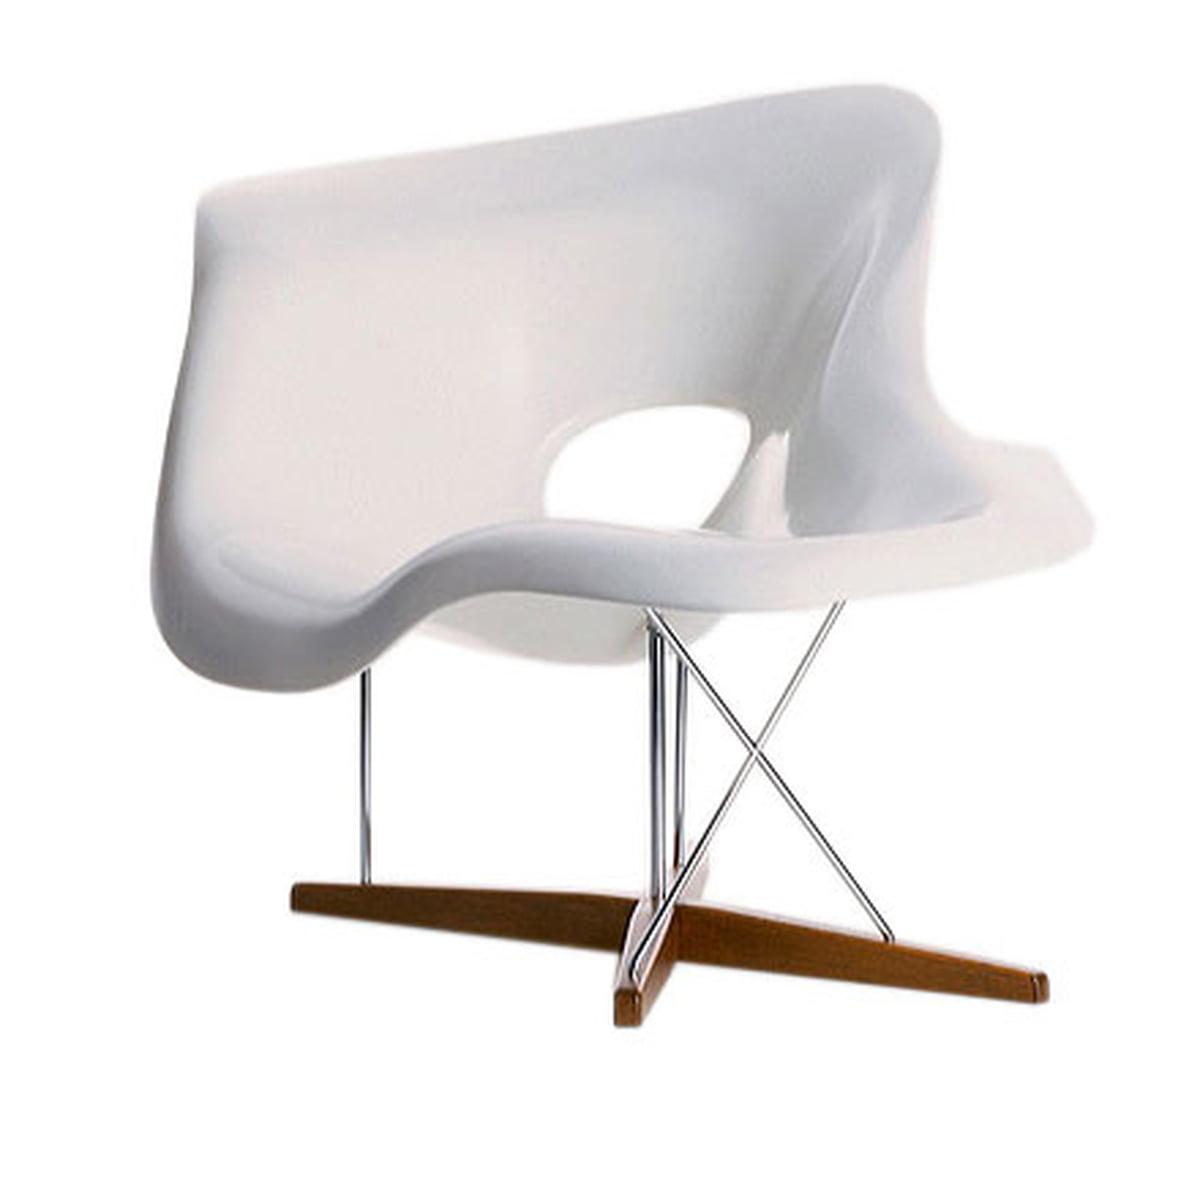 La chaise vitra boutique for Boutique vitra